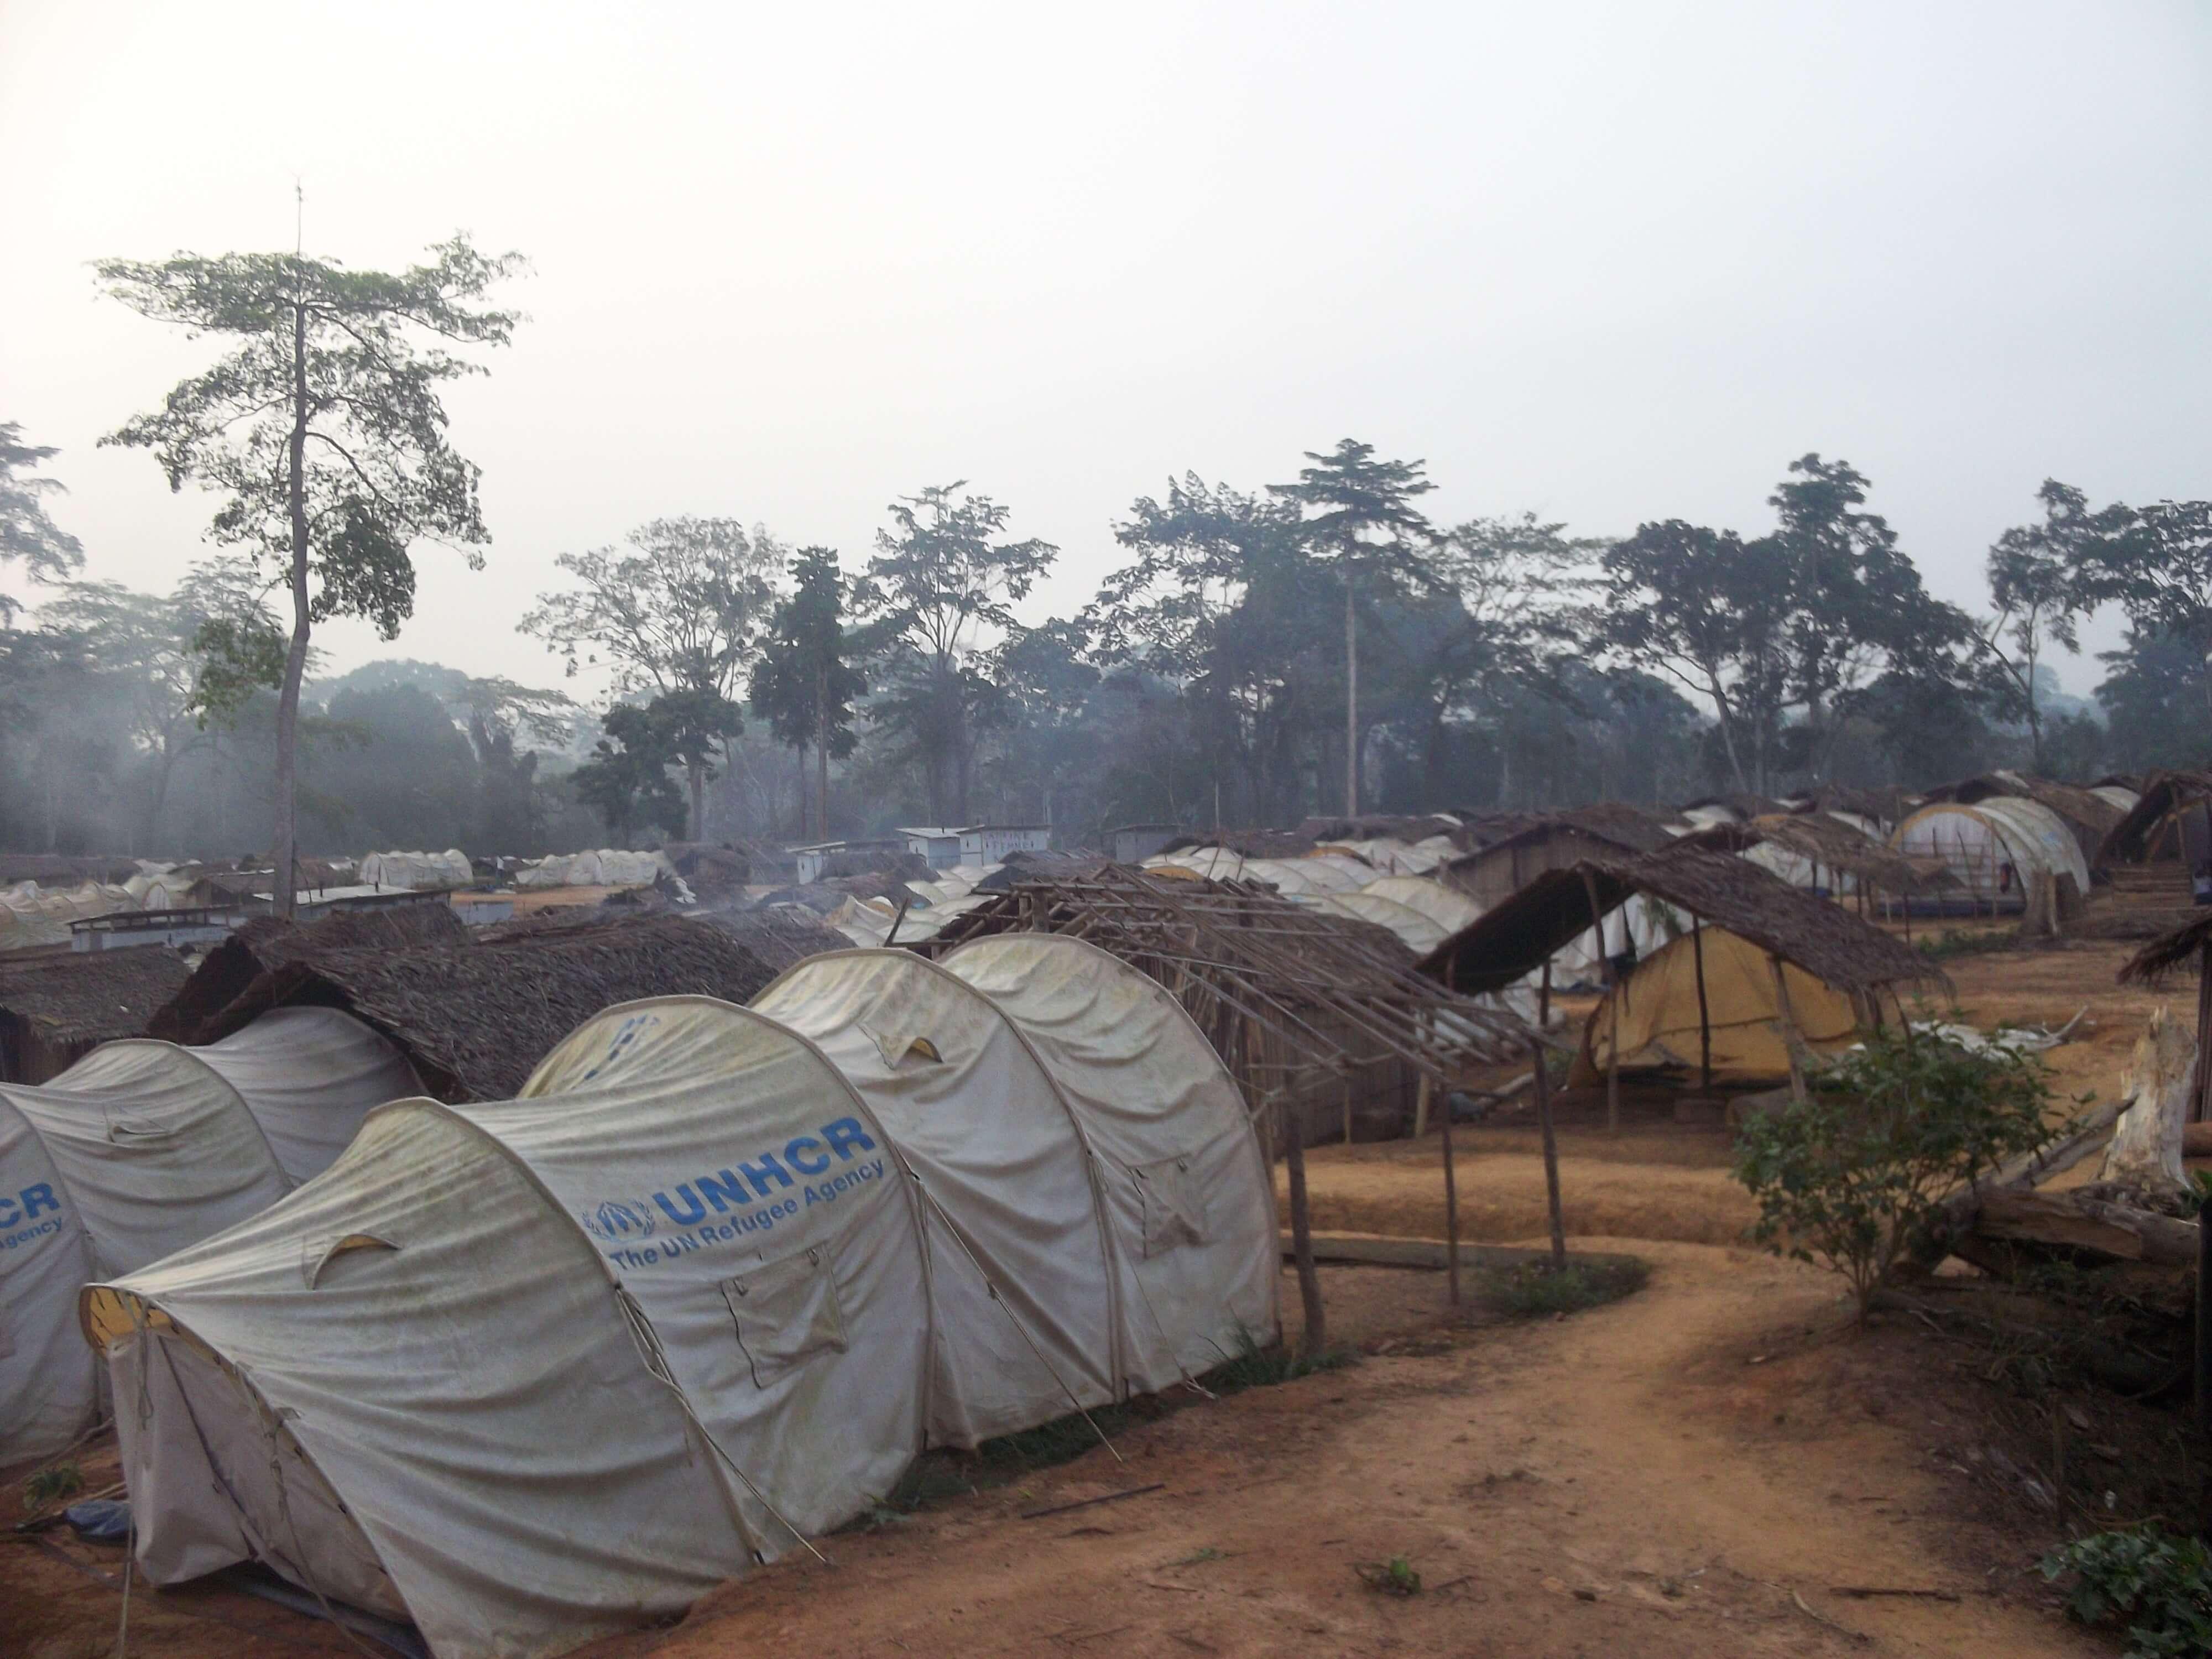 Tentes des Nations Unies